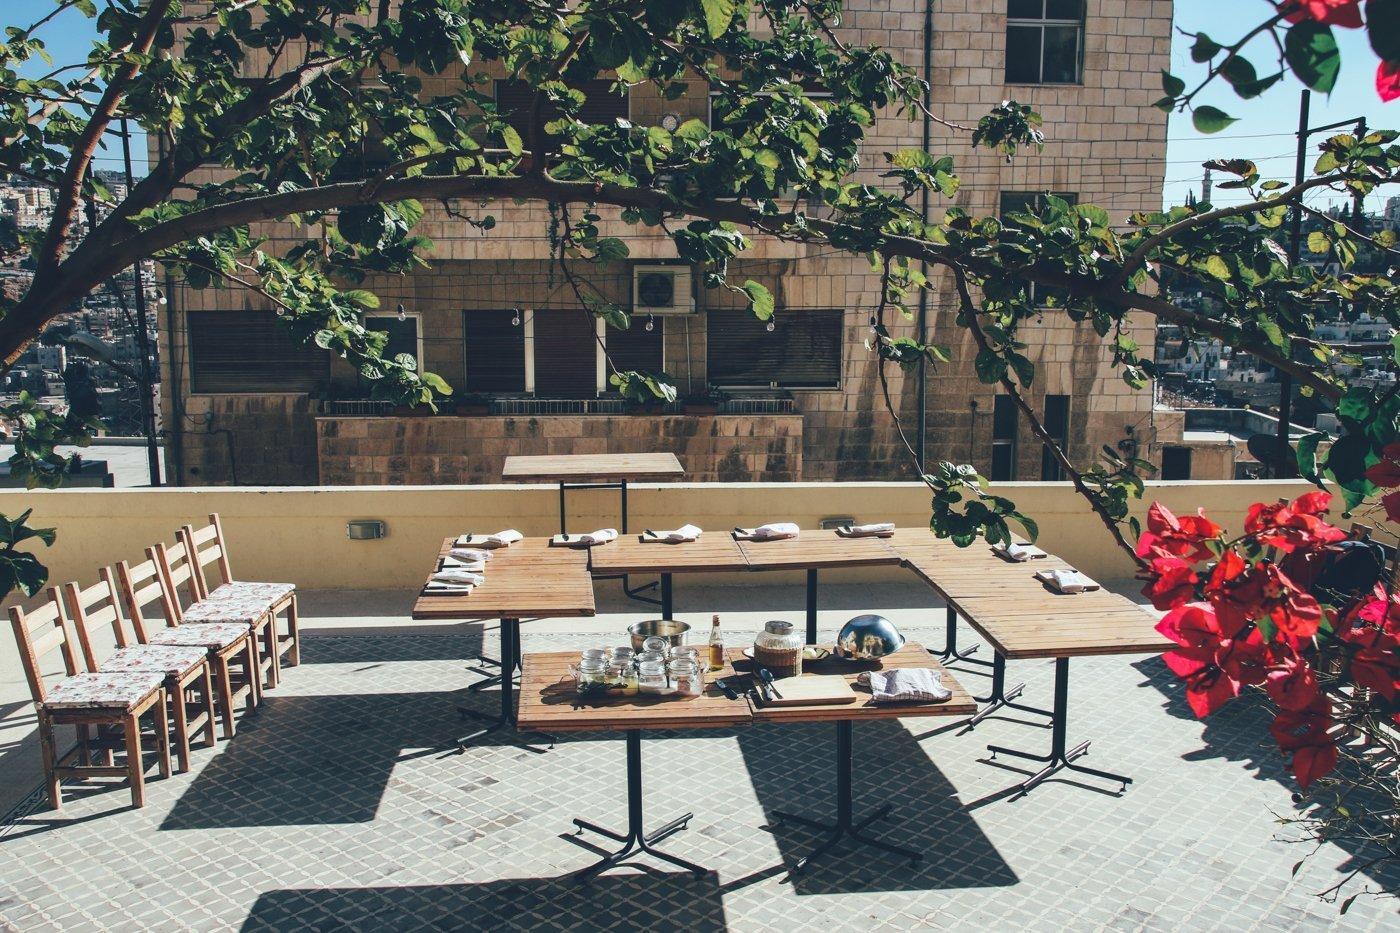 Lorbeerblätter und jordanisch noch aus dem Jahr 2015 Führender Dating-Standort Südafrika